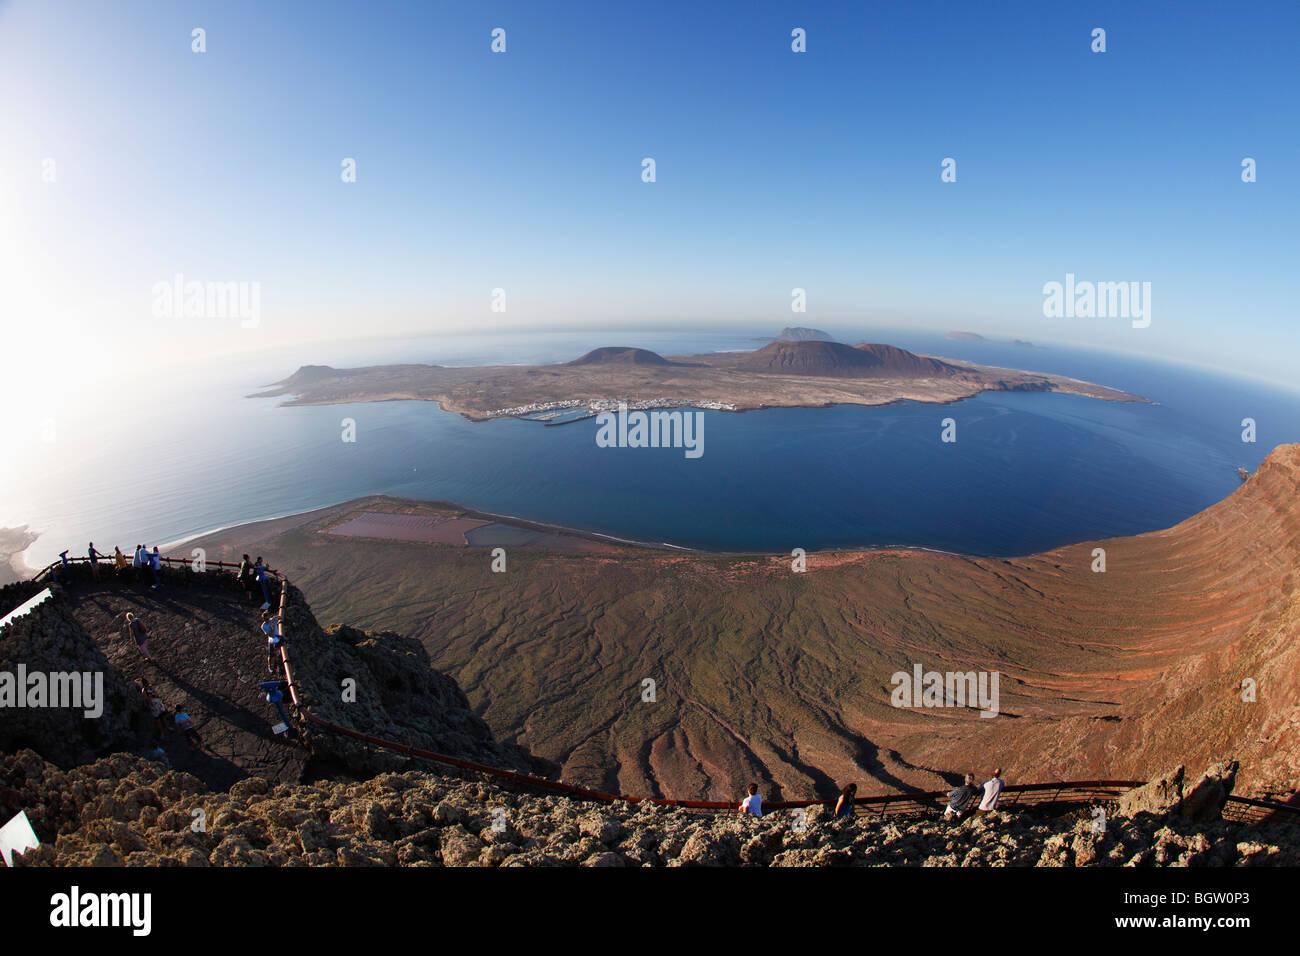 Insel La Graciosa, Blick vom Mirador del Rio, Lanzarote, Kanarische Inseln, Spanien, Europa Stockfoto